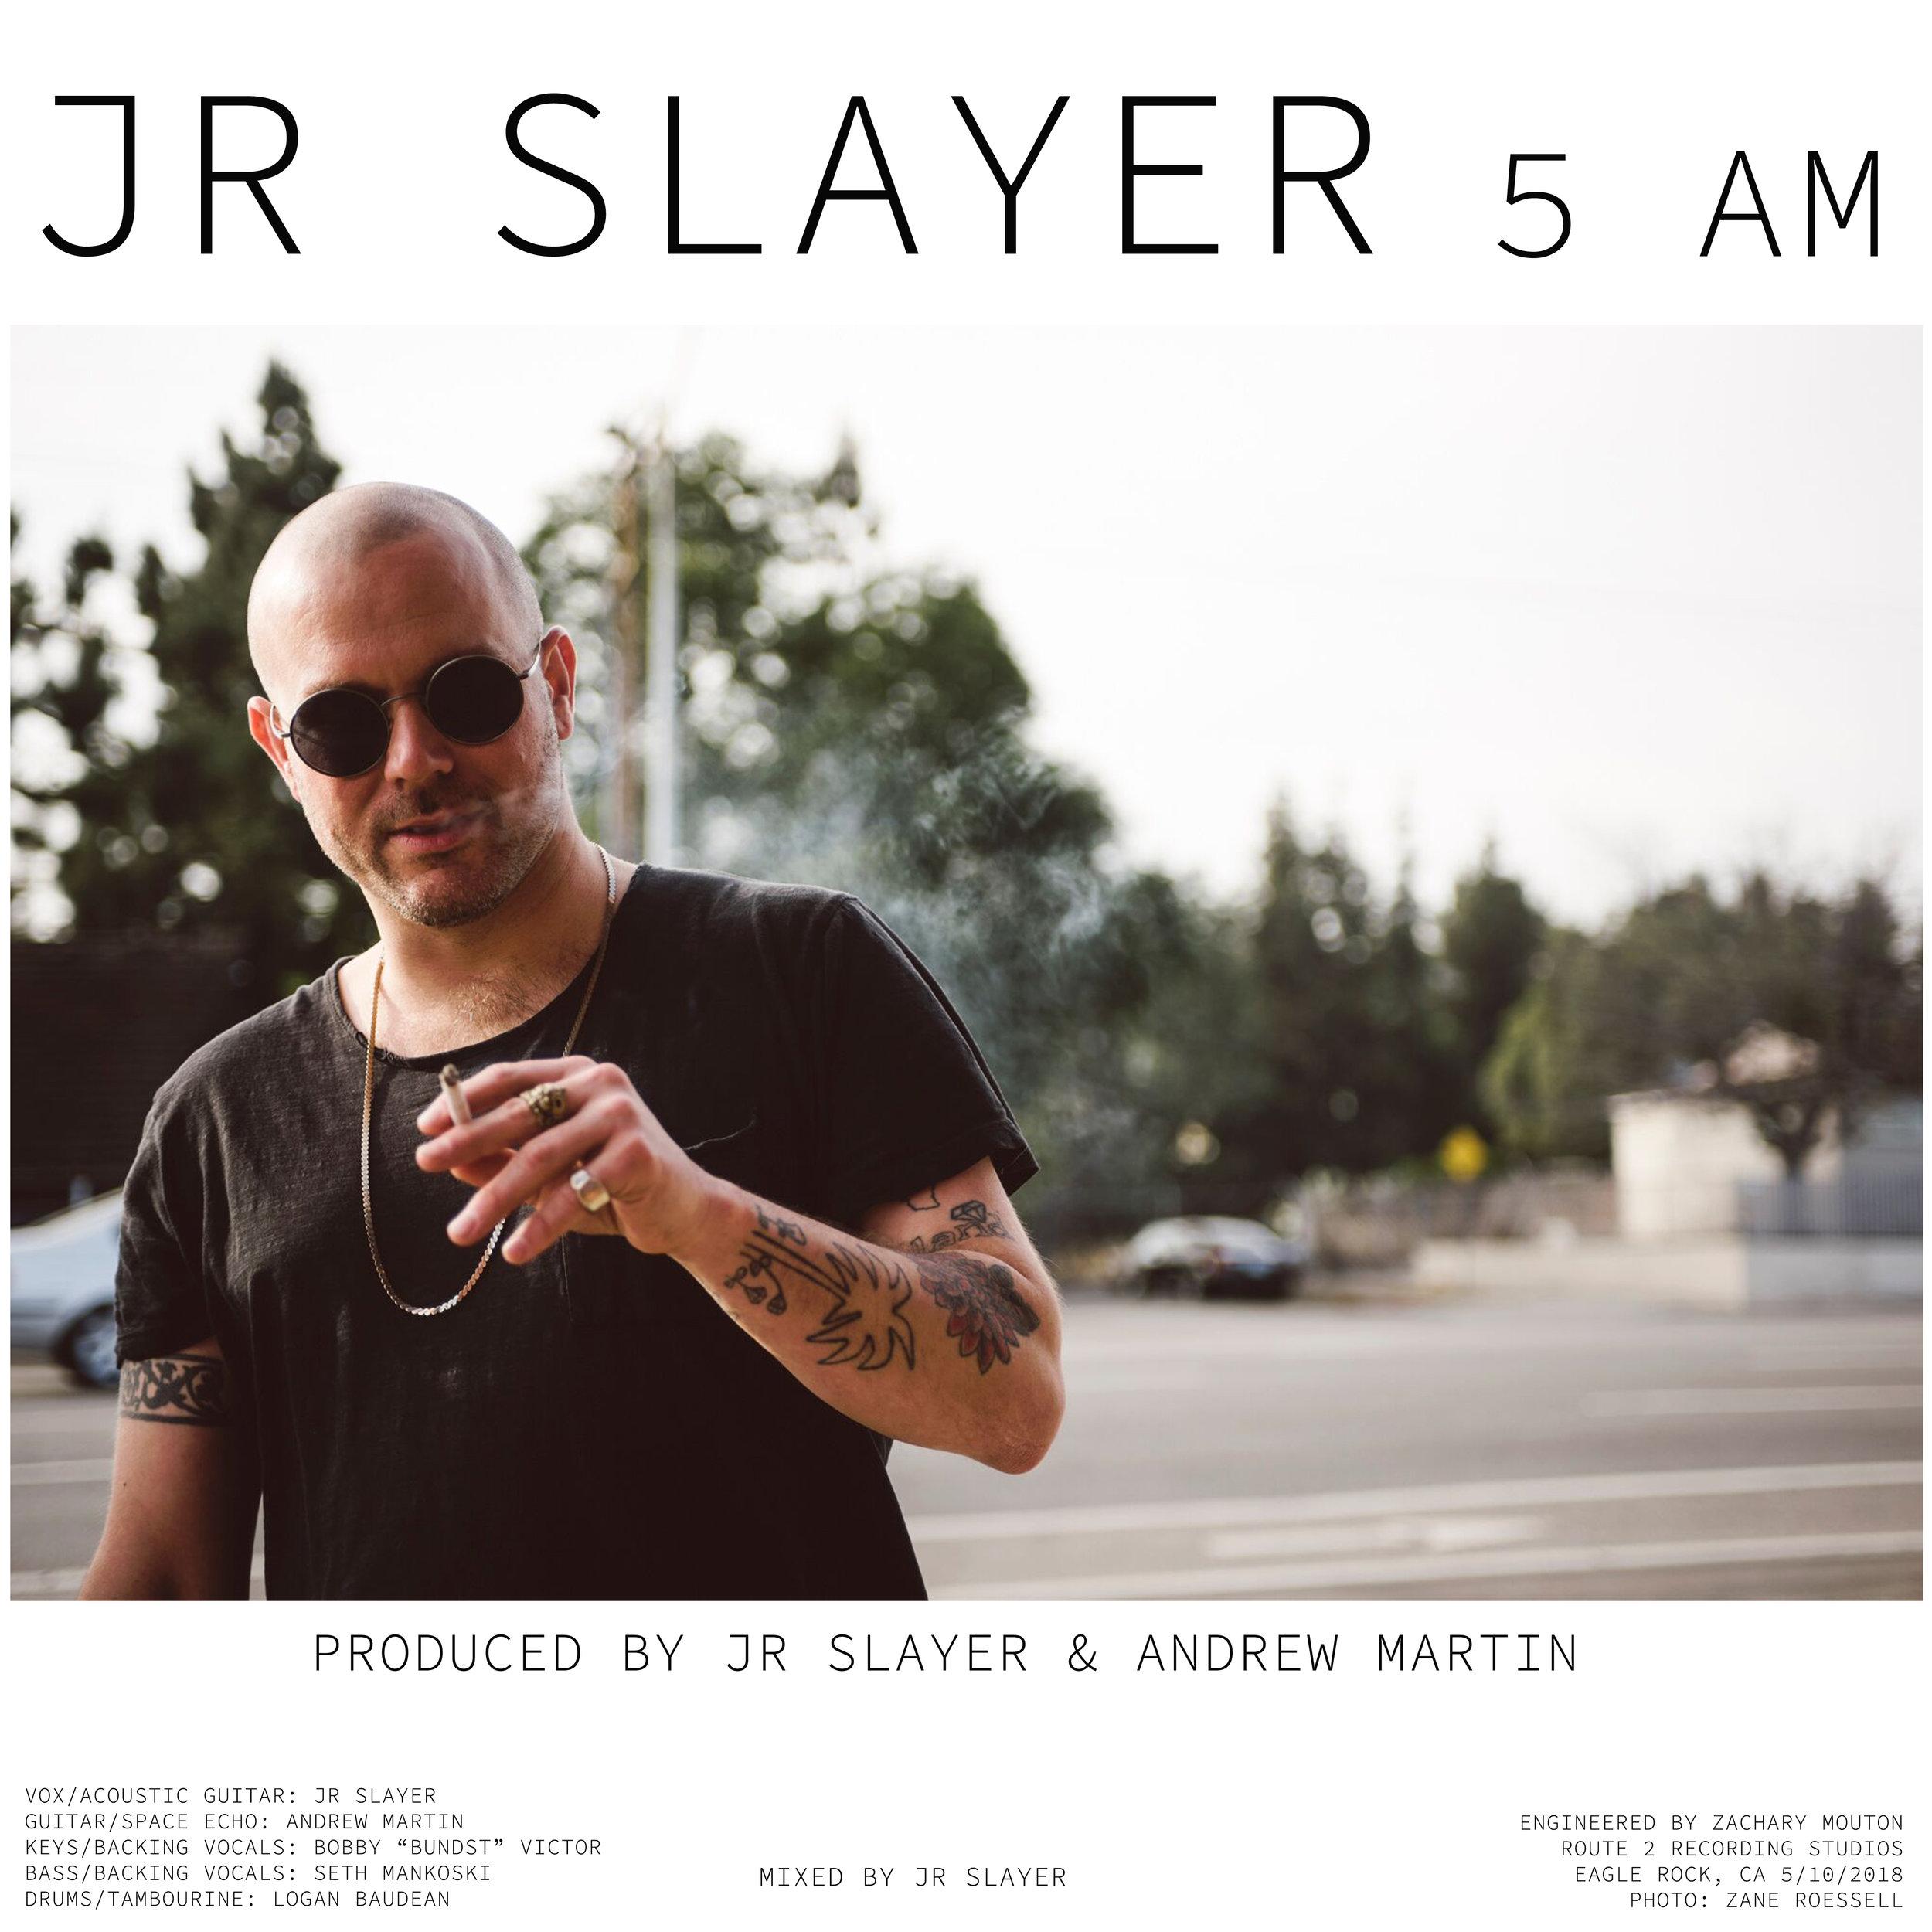 JR SLAYER 5 AM ART V2.jpg